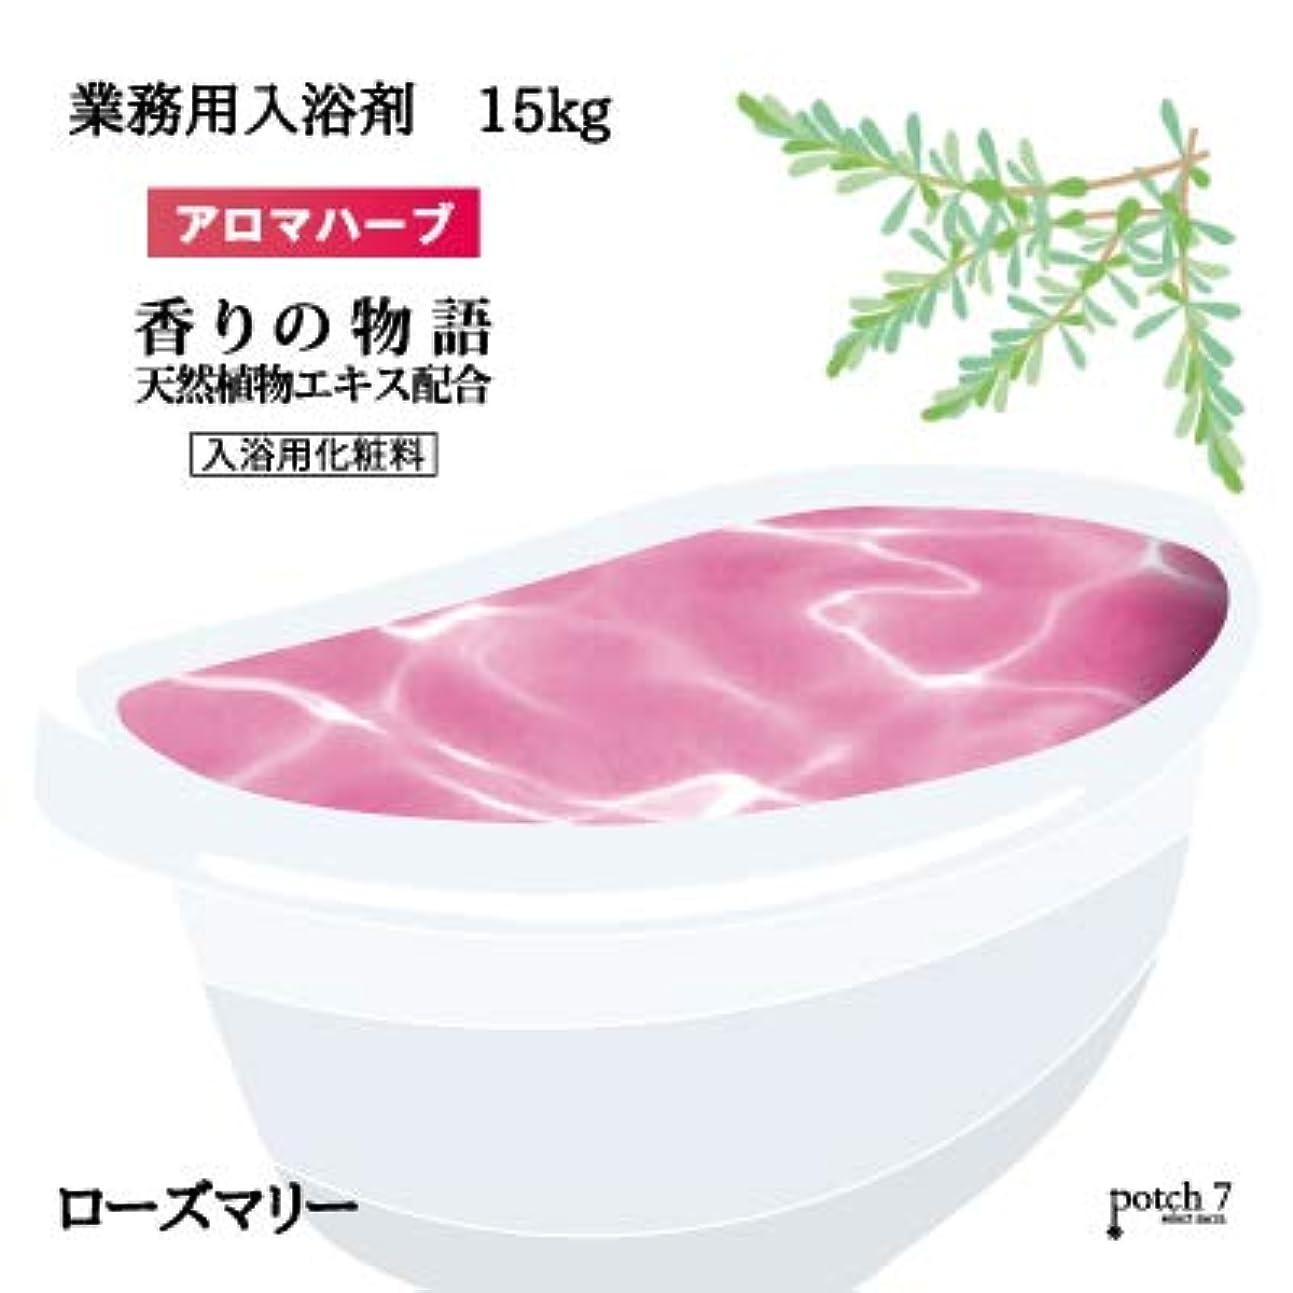 アーティキュレーション消費者インペリアル業務用入浴剤「ローズマリー」15Kg(7.5Kgx2袋入)GYM-RM